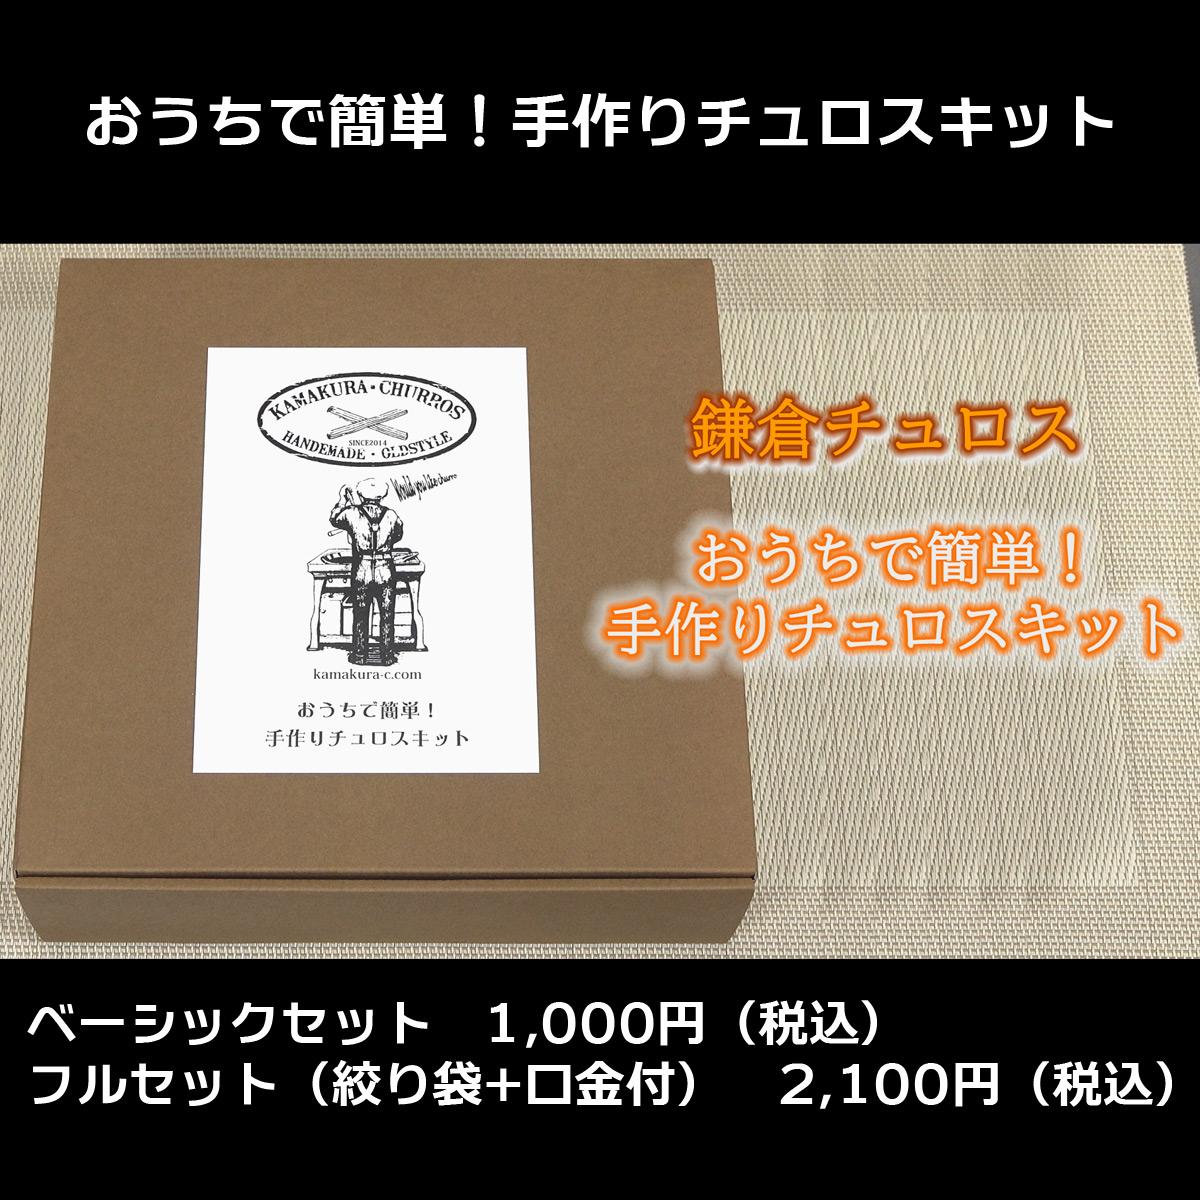 鎌倉チュロス おうちで簡単!手作りチュロスキット